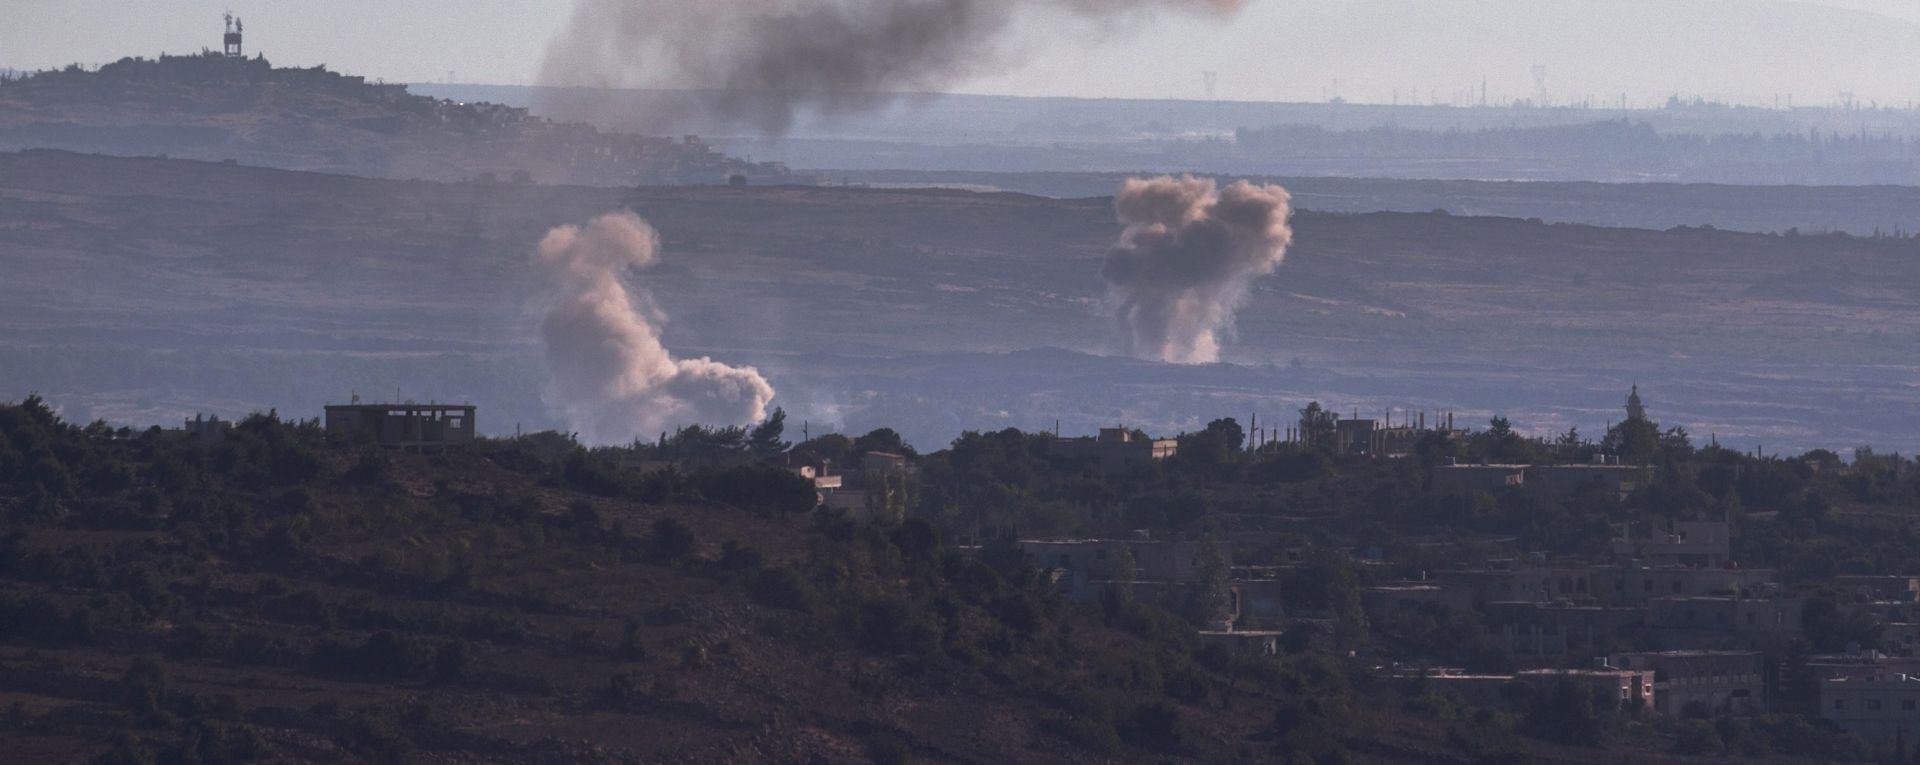 """SAD PRIZNALE """"Mi smo izveli napad u Siriji, nismo znali da su dolje vojnici"""""""